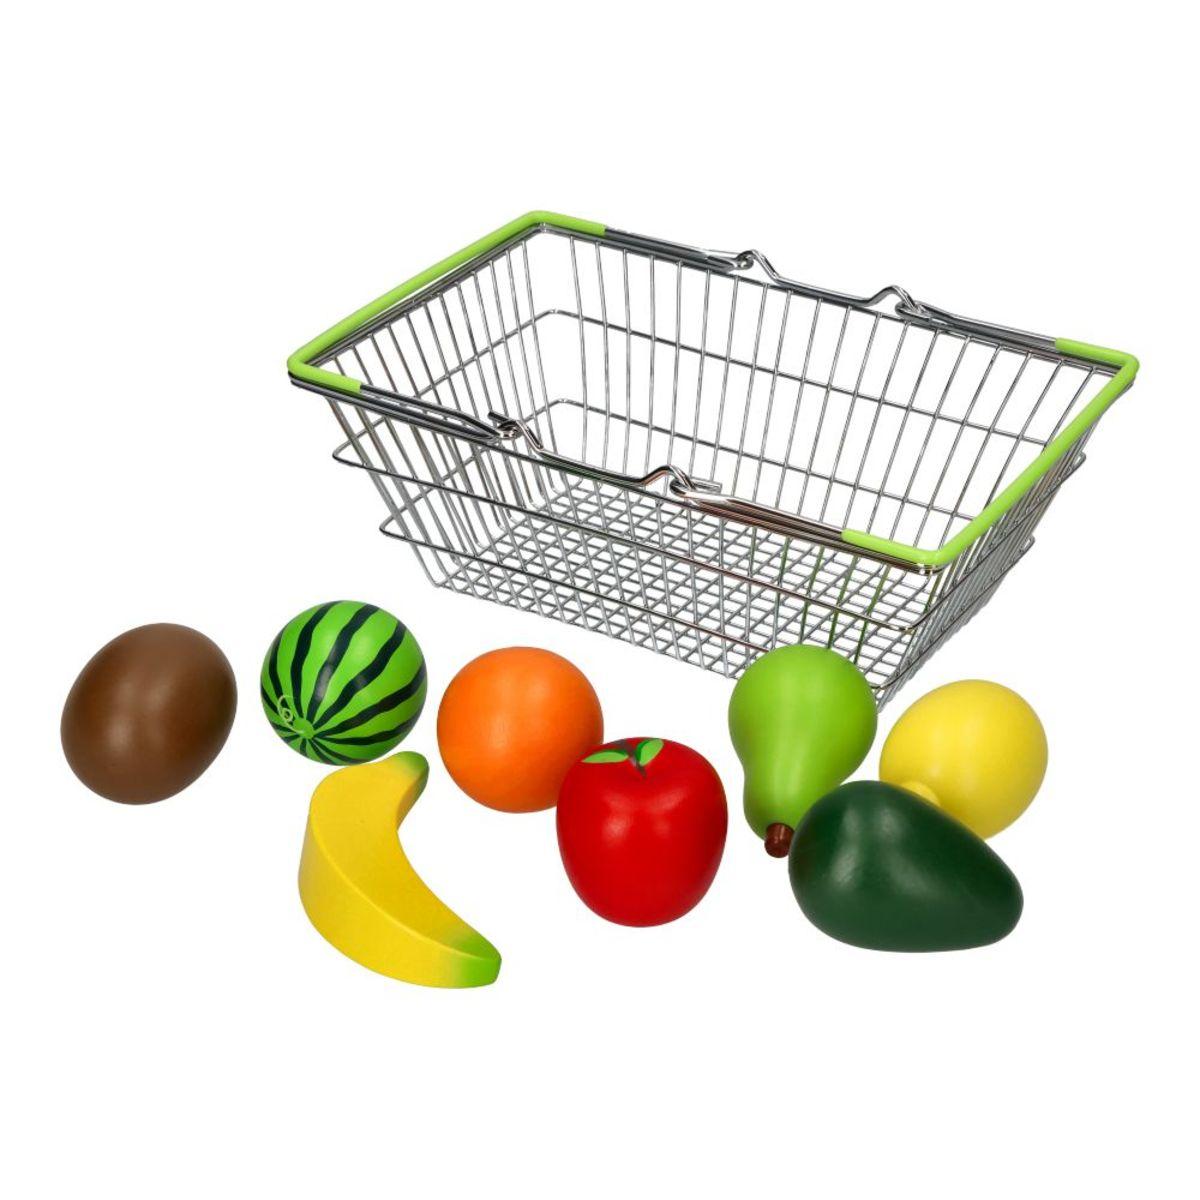 Nákupný košík s ovocím Grocery fruit basket